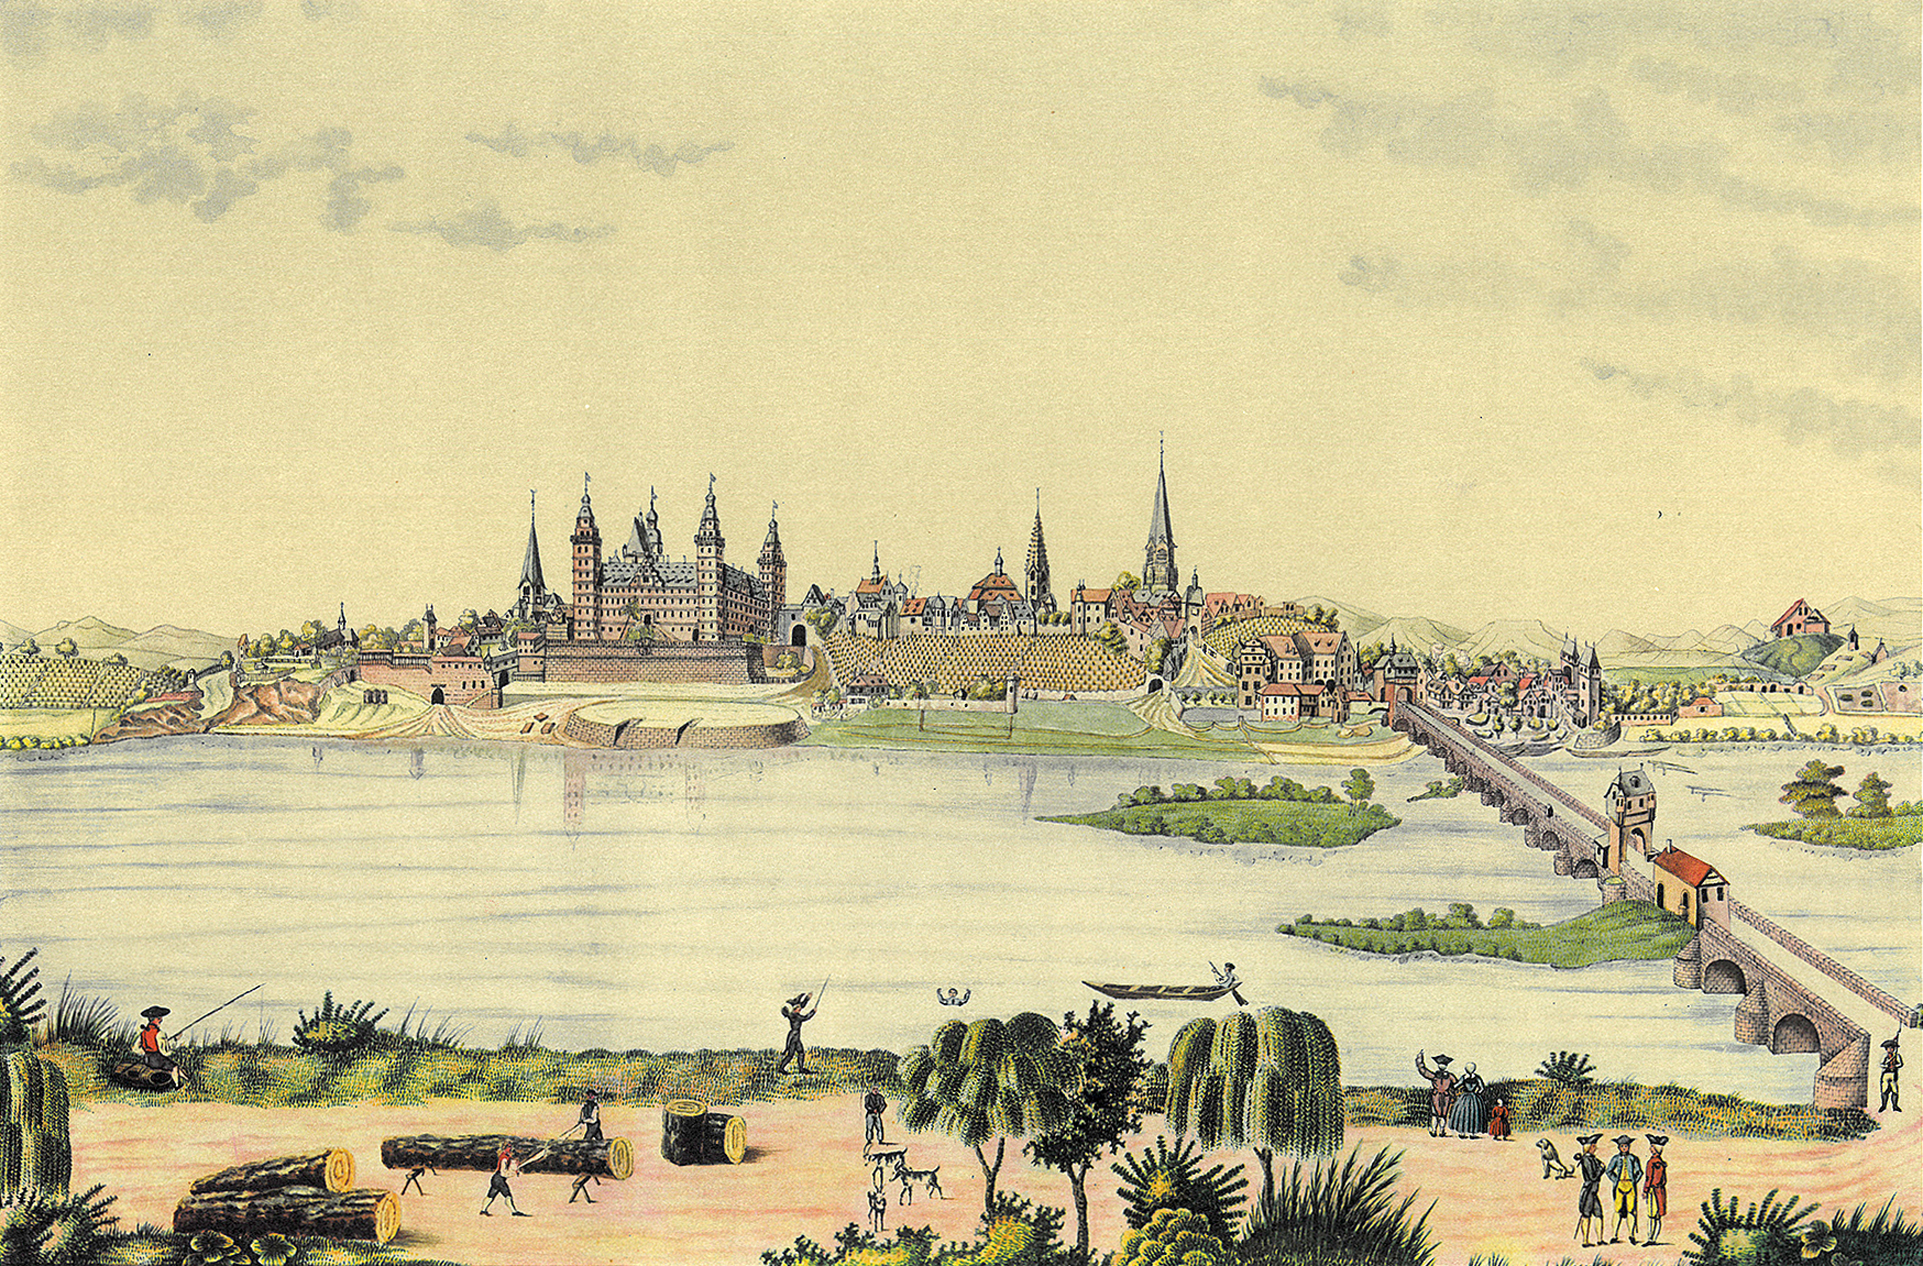 © Schloss und Stadt Aschaffenburg mit Mainbrücke vom jenseitigen Ufer aus, Aquarell, um 1750. Sammlung Nanna Ruths Aschaffenburg, Stadt- und Stiftsarchiv Aschaffenburg